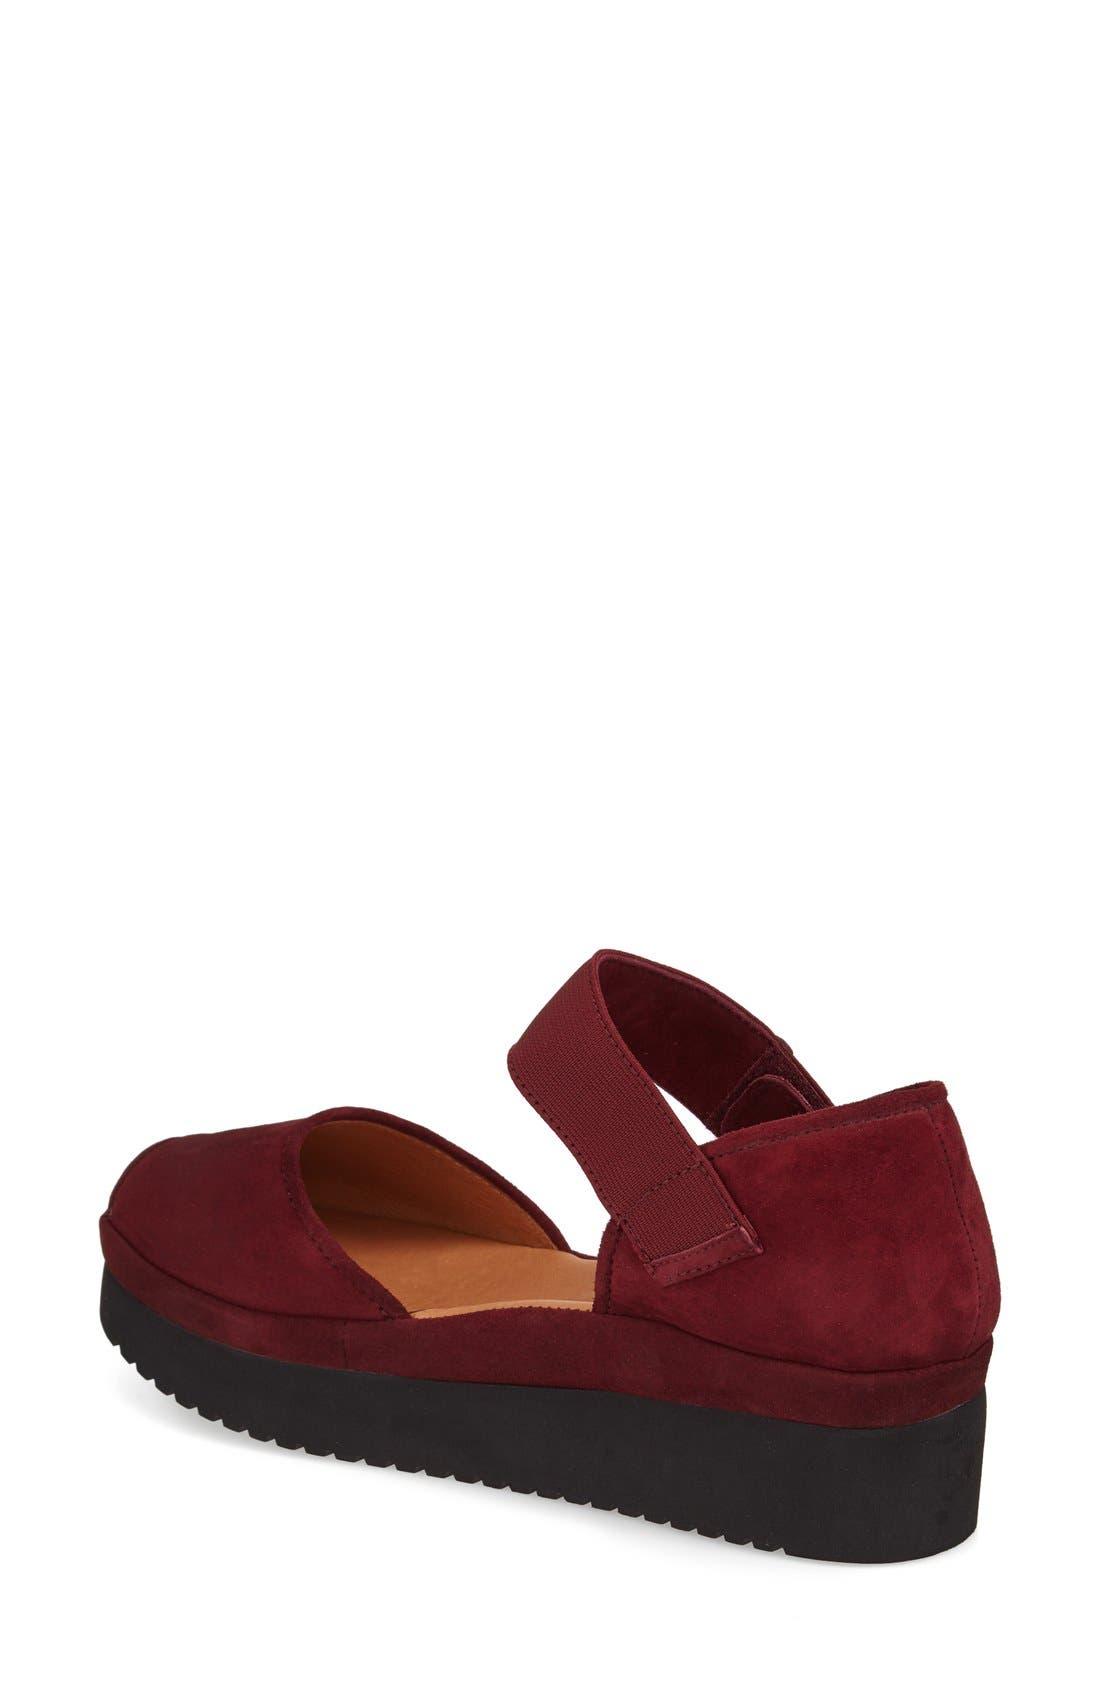 'Amadour' Platform Sandal,                             Alternate thumbnail 26, color,